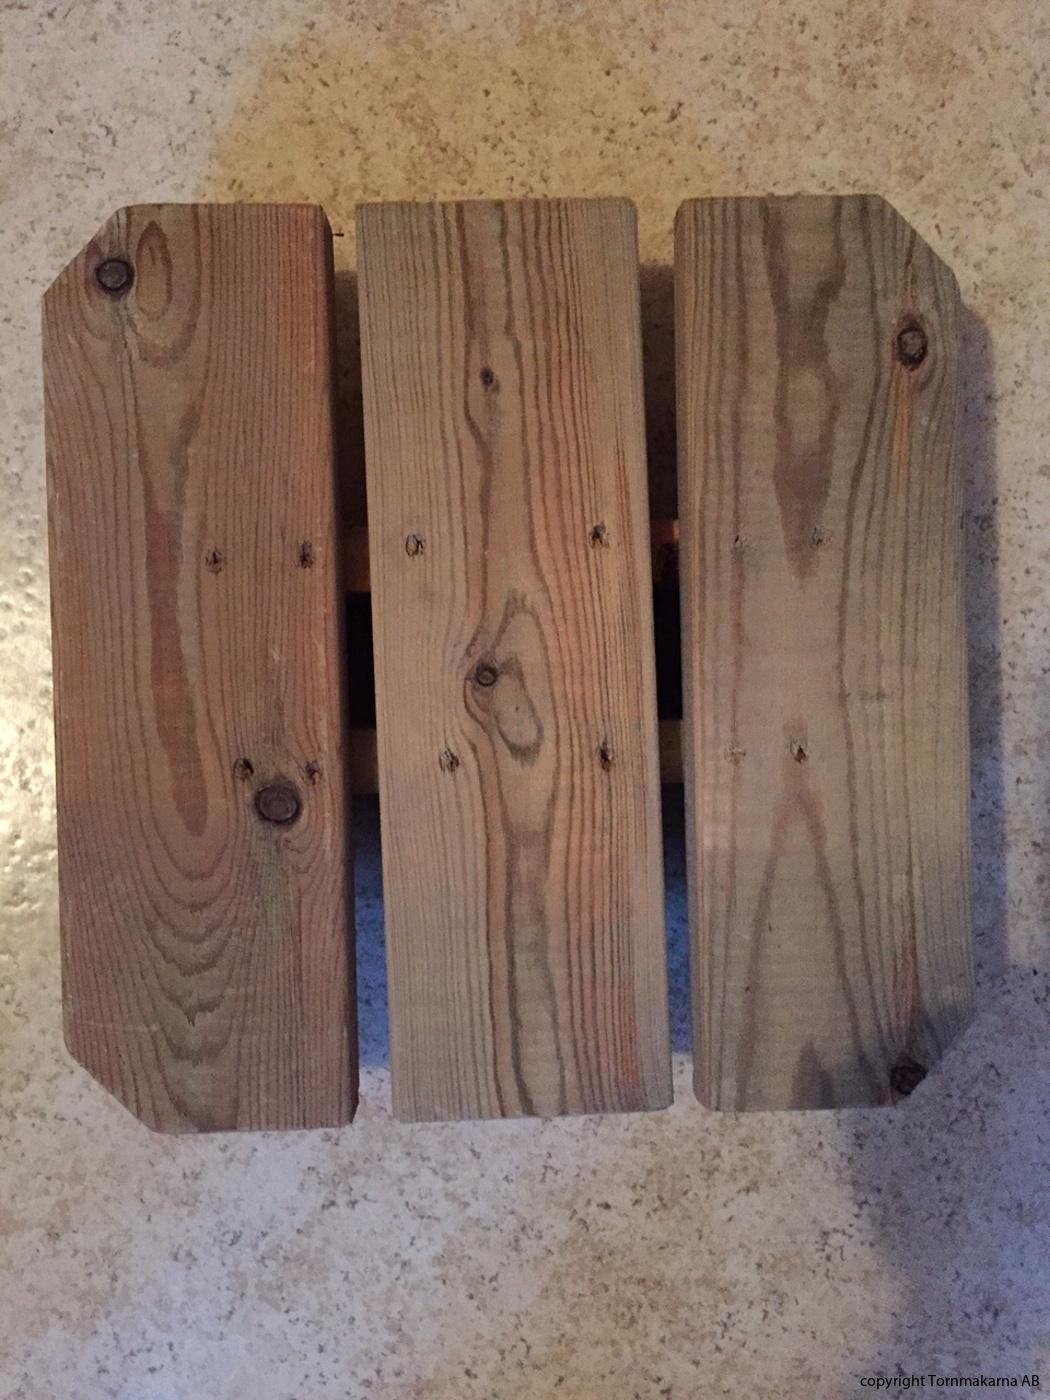 Sittpallen är tillverkad helt i trä